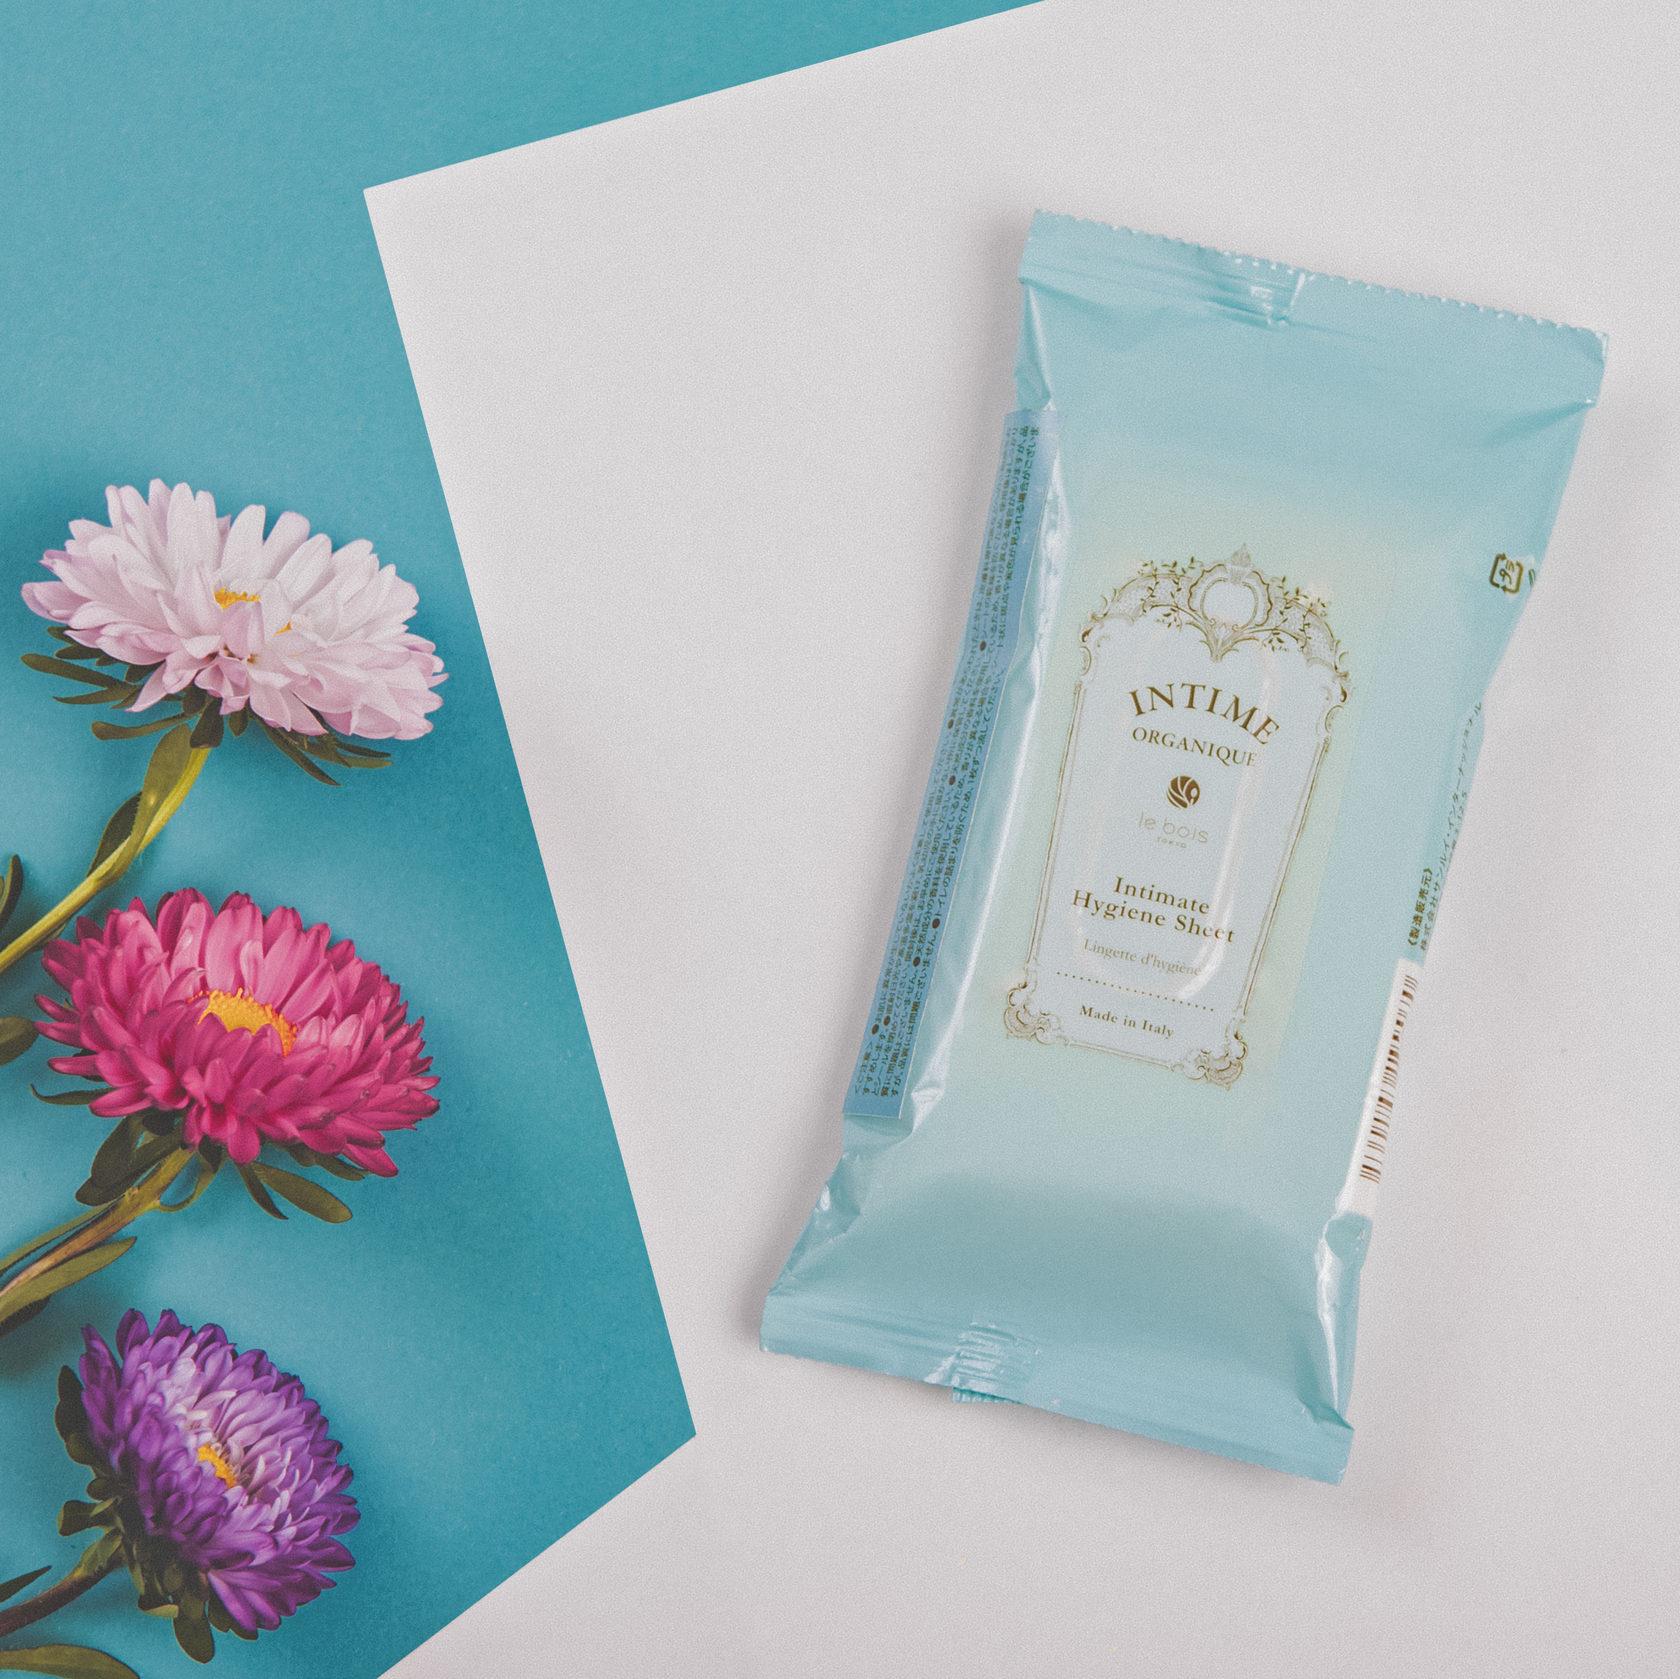 Органические гигиенические салфетки для интимной зоны Hygiene Sheet Intime Organique Япония 12 шт(р) — фото №3